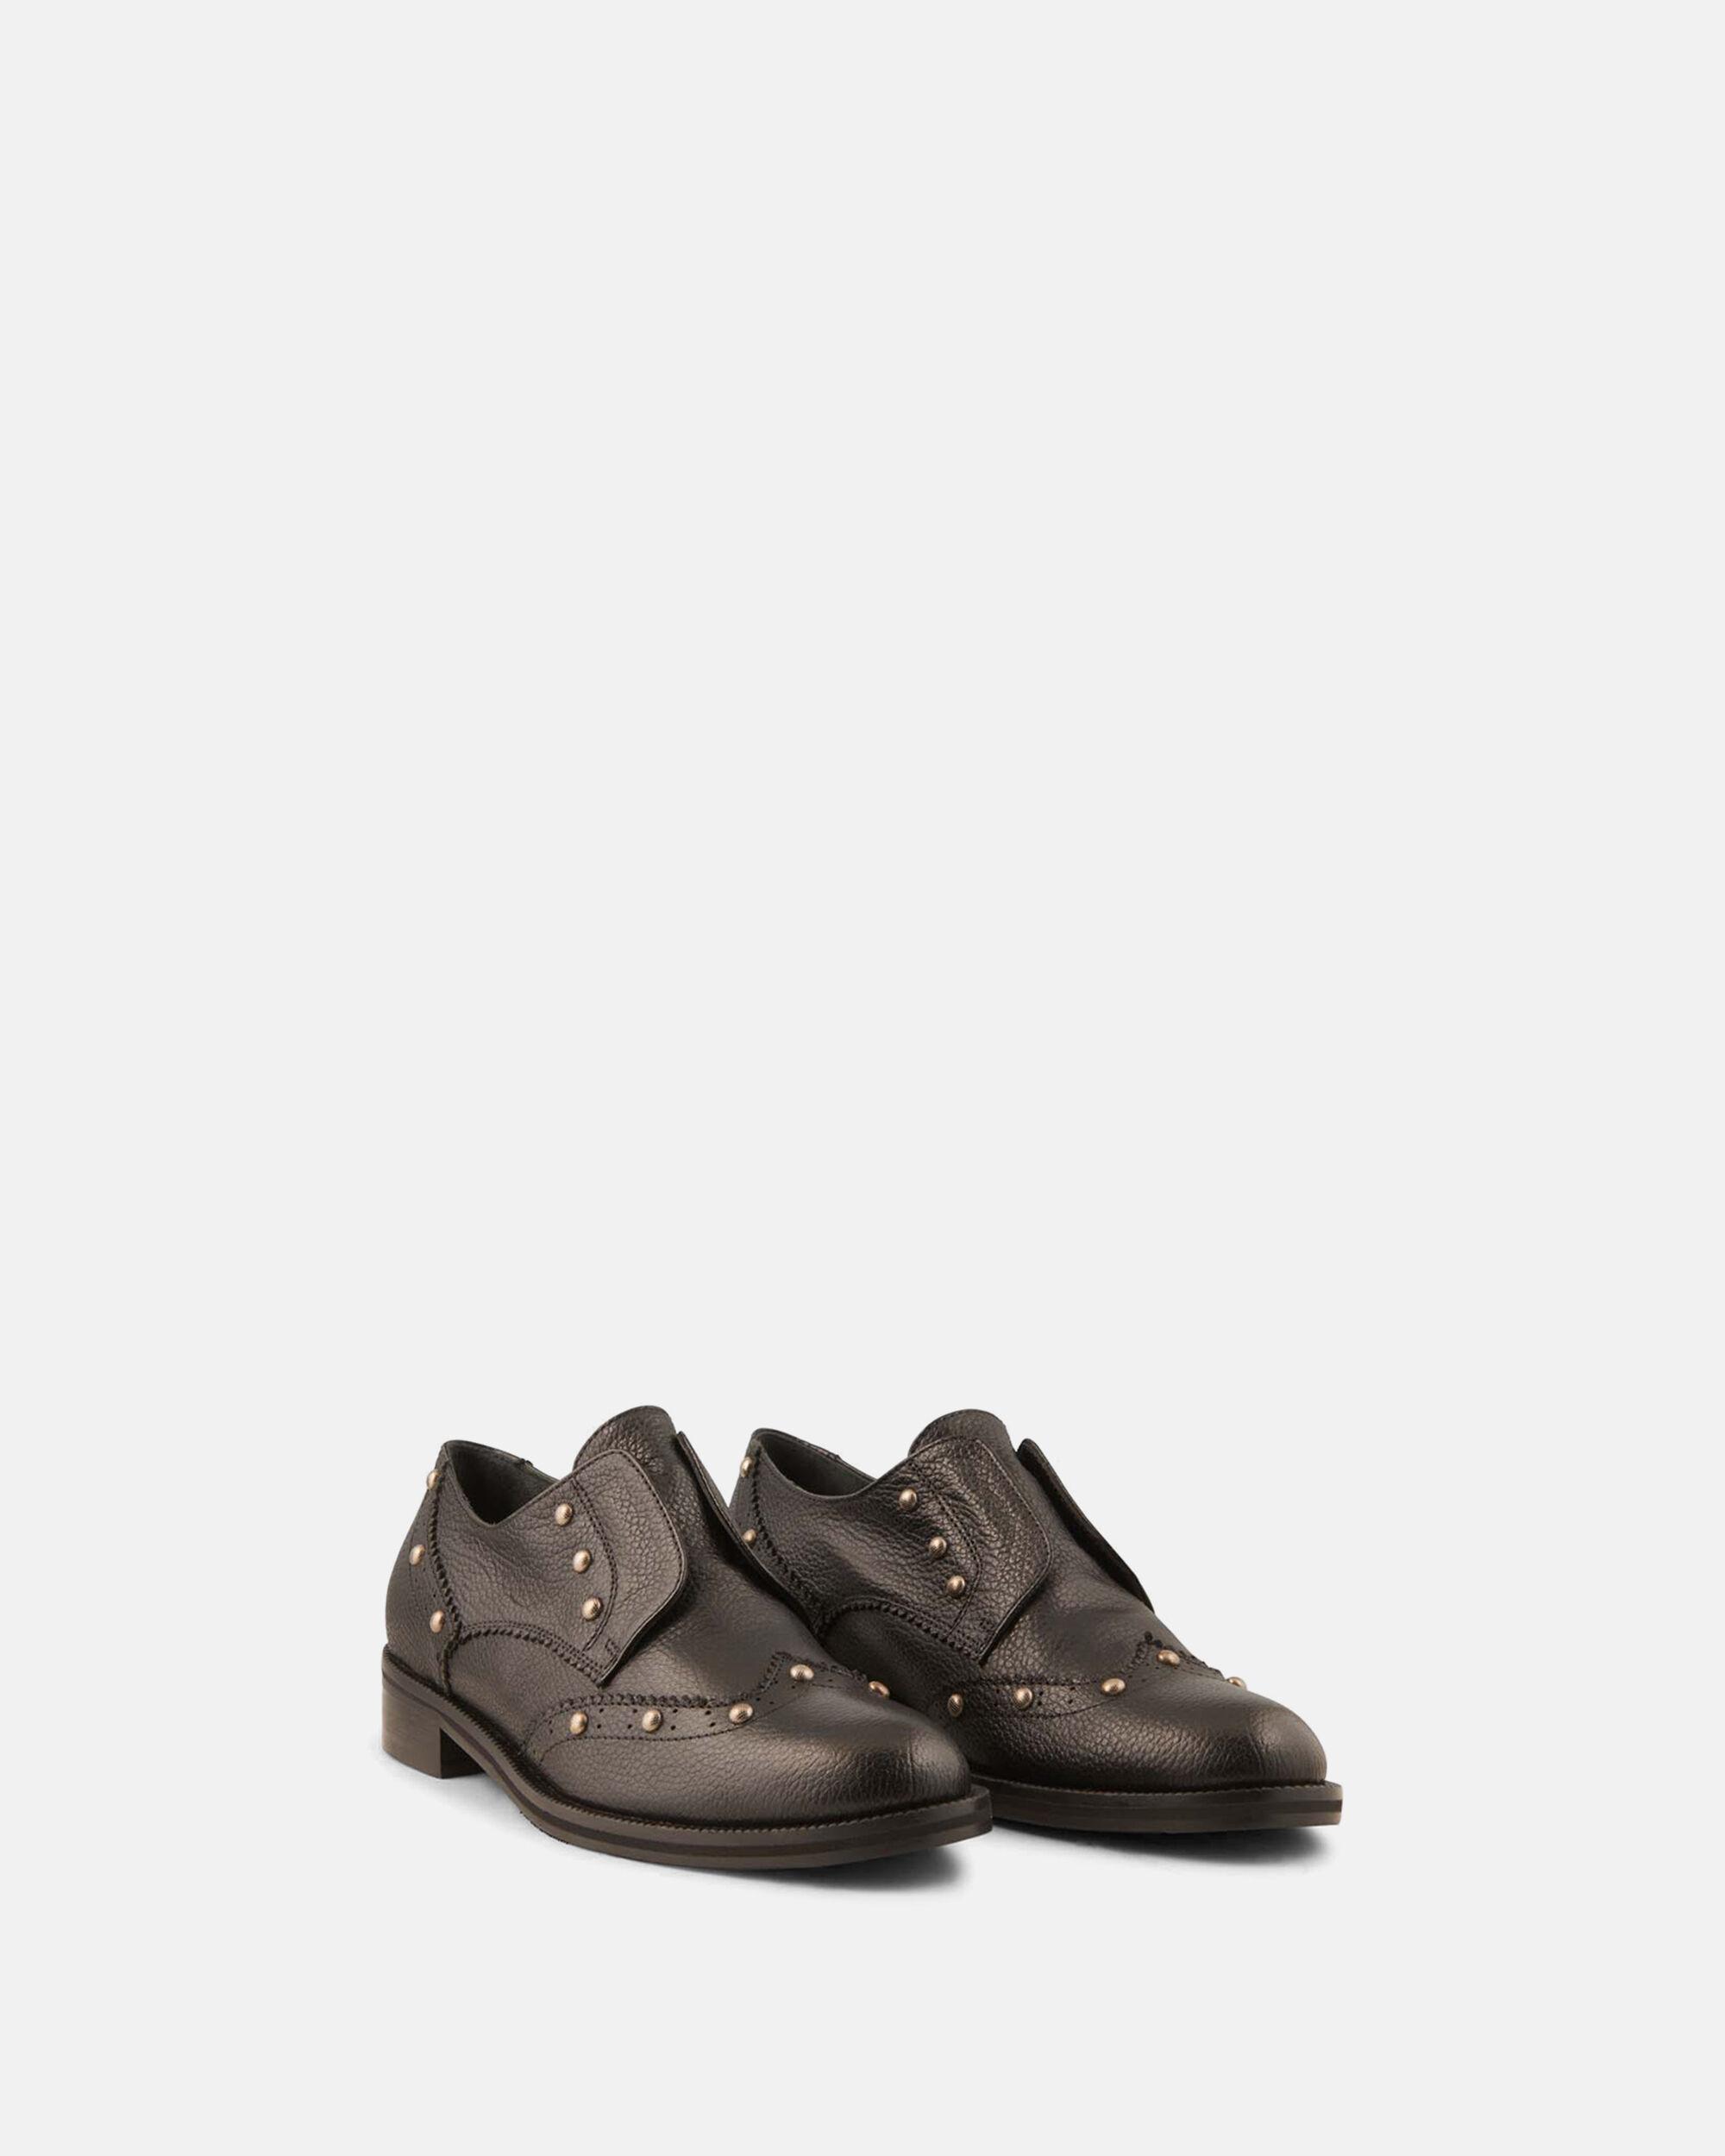 Minelli Derby Et Richelieu Derbies Chaussures Rxq4ytrw Femme PpwwF 29ea6e7d81f